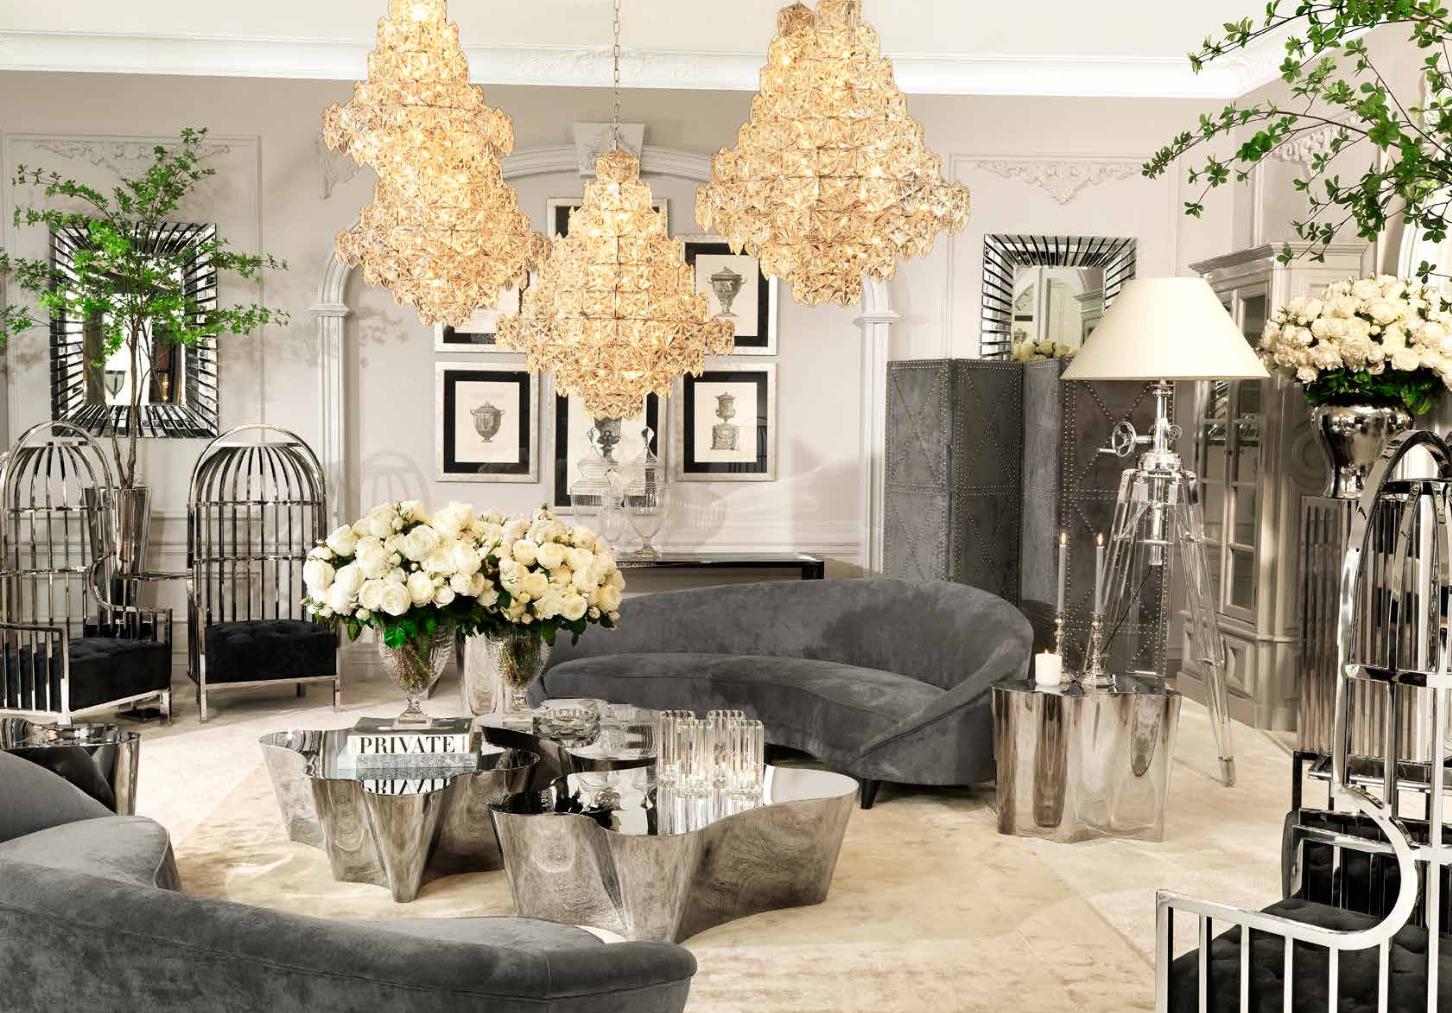 25 Elegant Living Room Design Inspiration Ideas Follow Us For More Home Decor